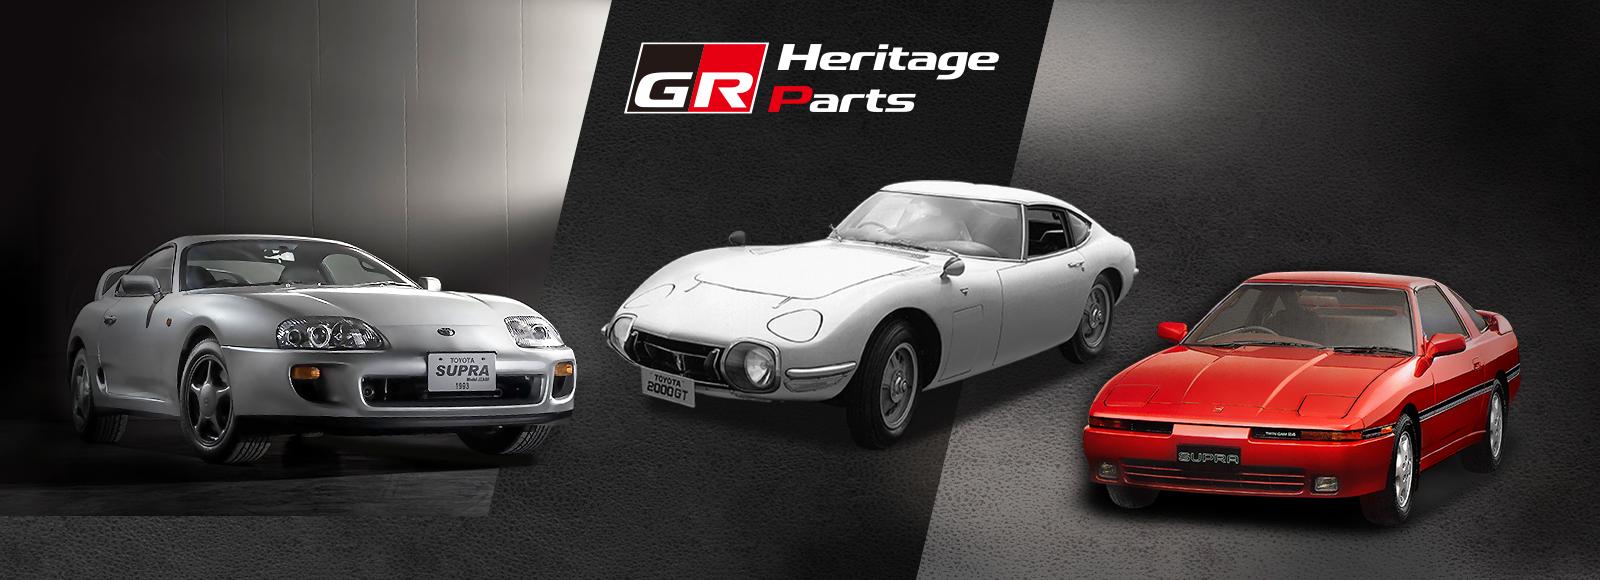 gr-parts-a70-a80-2000gt.png